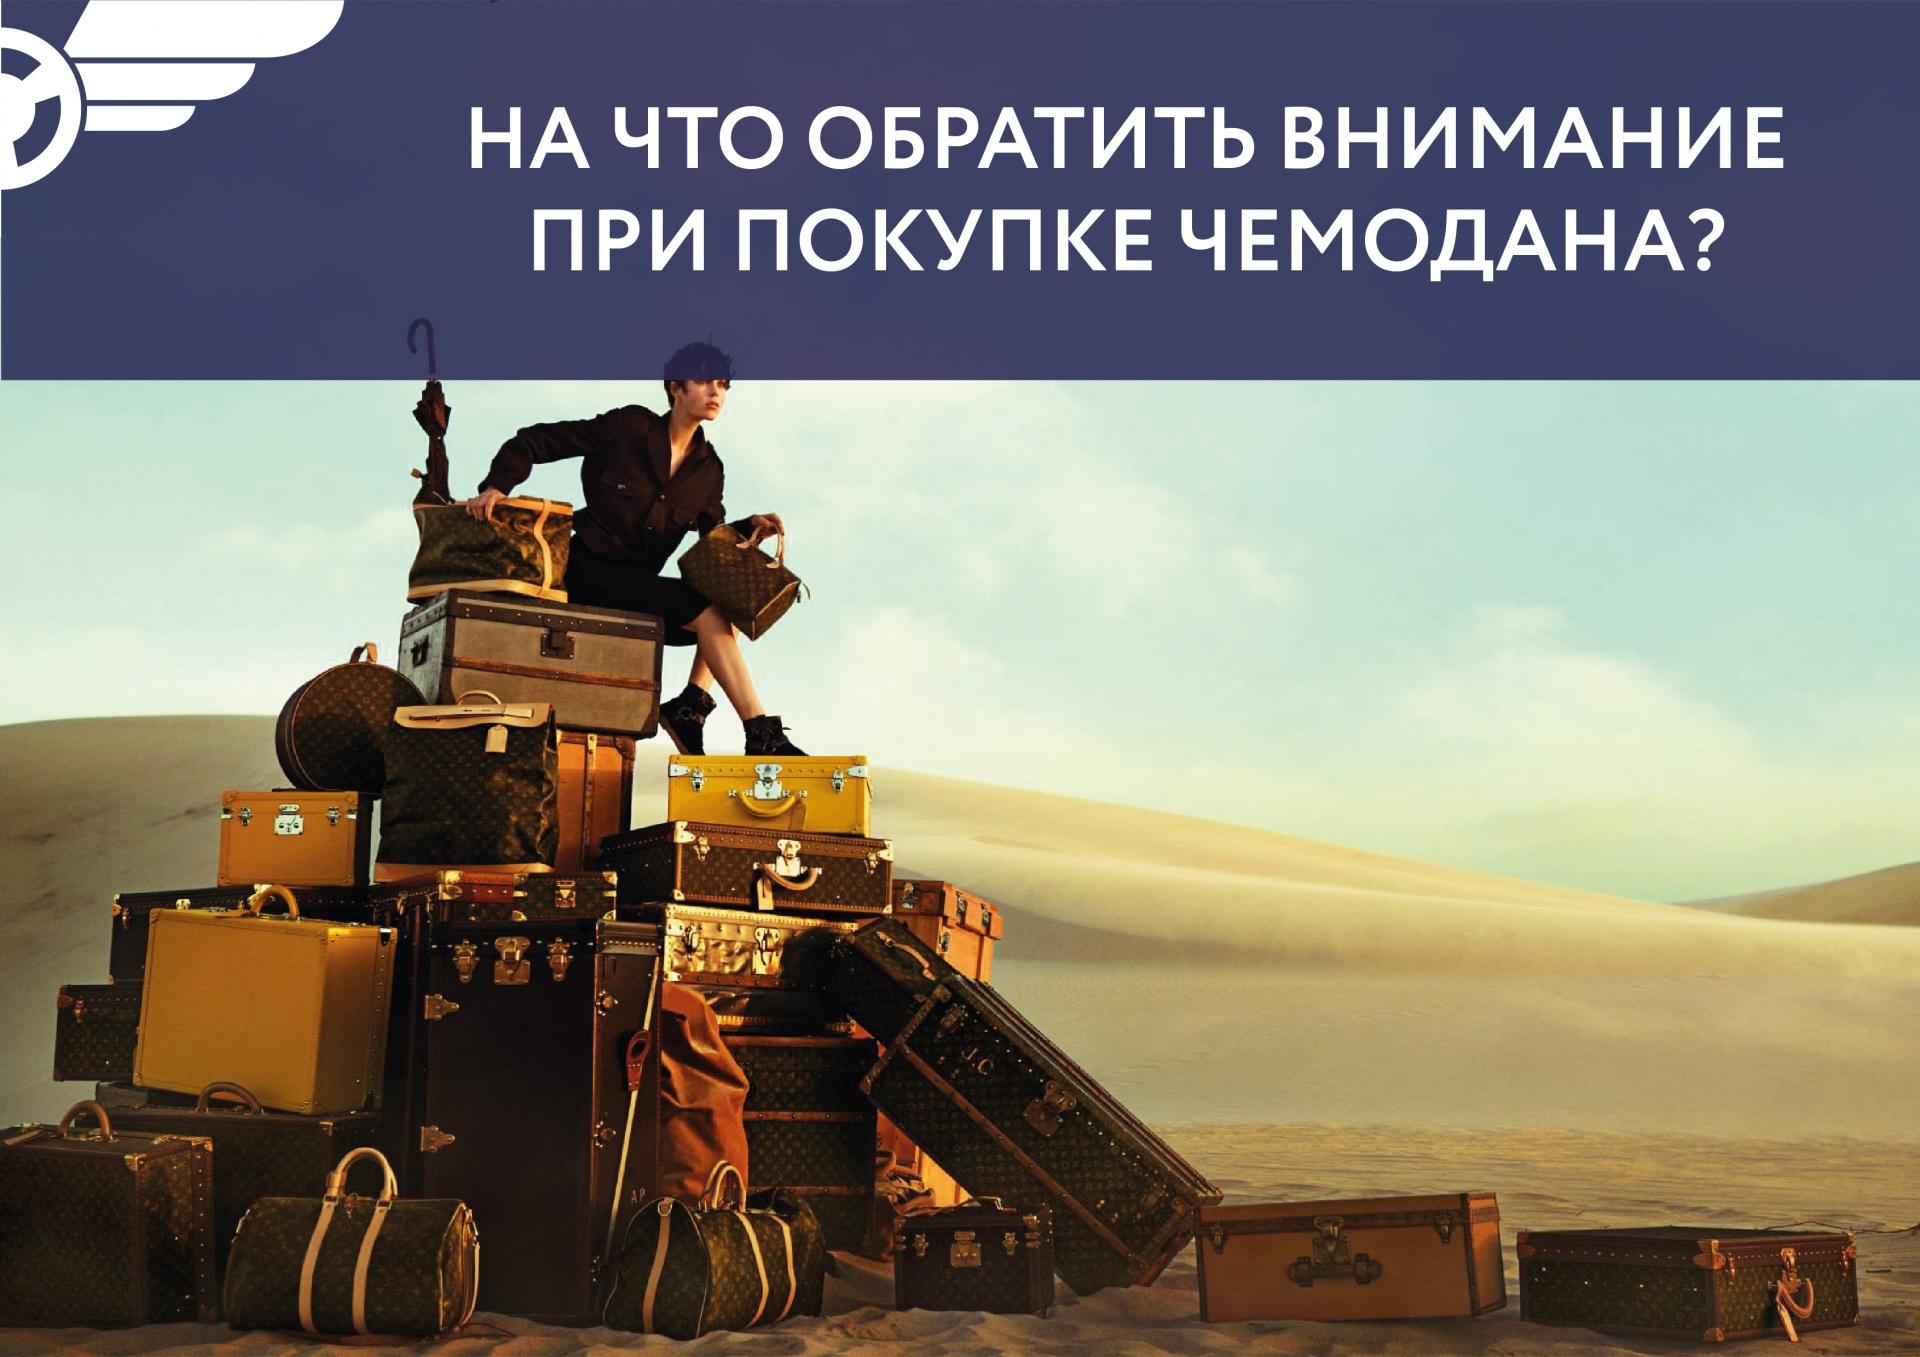 Post-dlya-VK_Chemodan-01.jpg